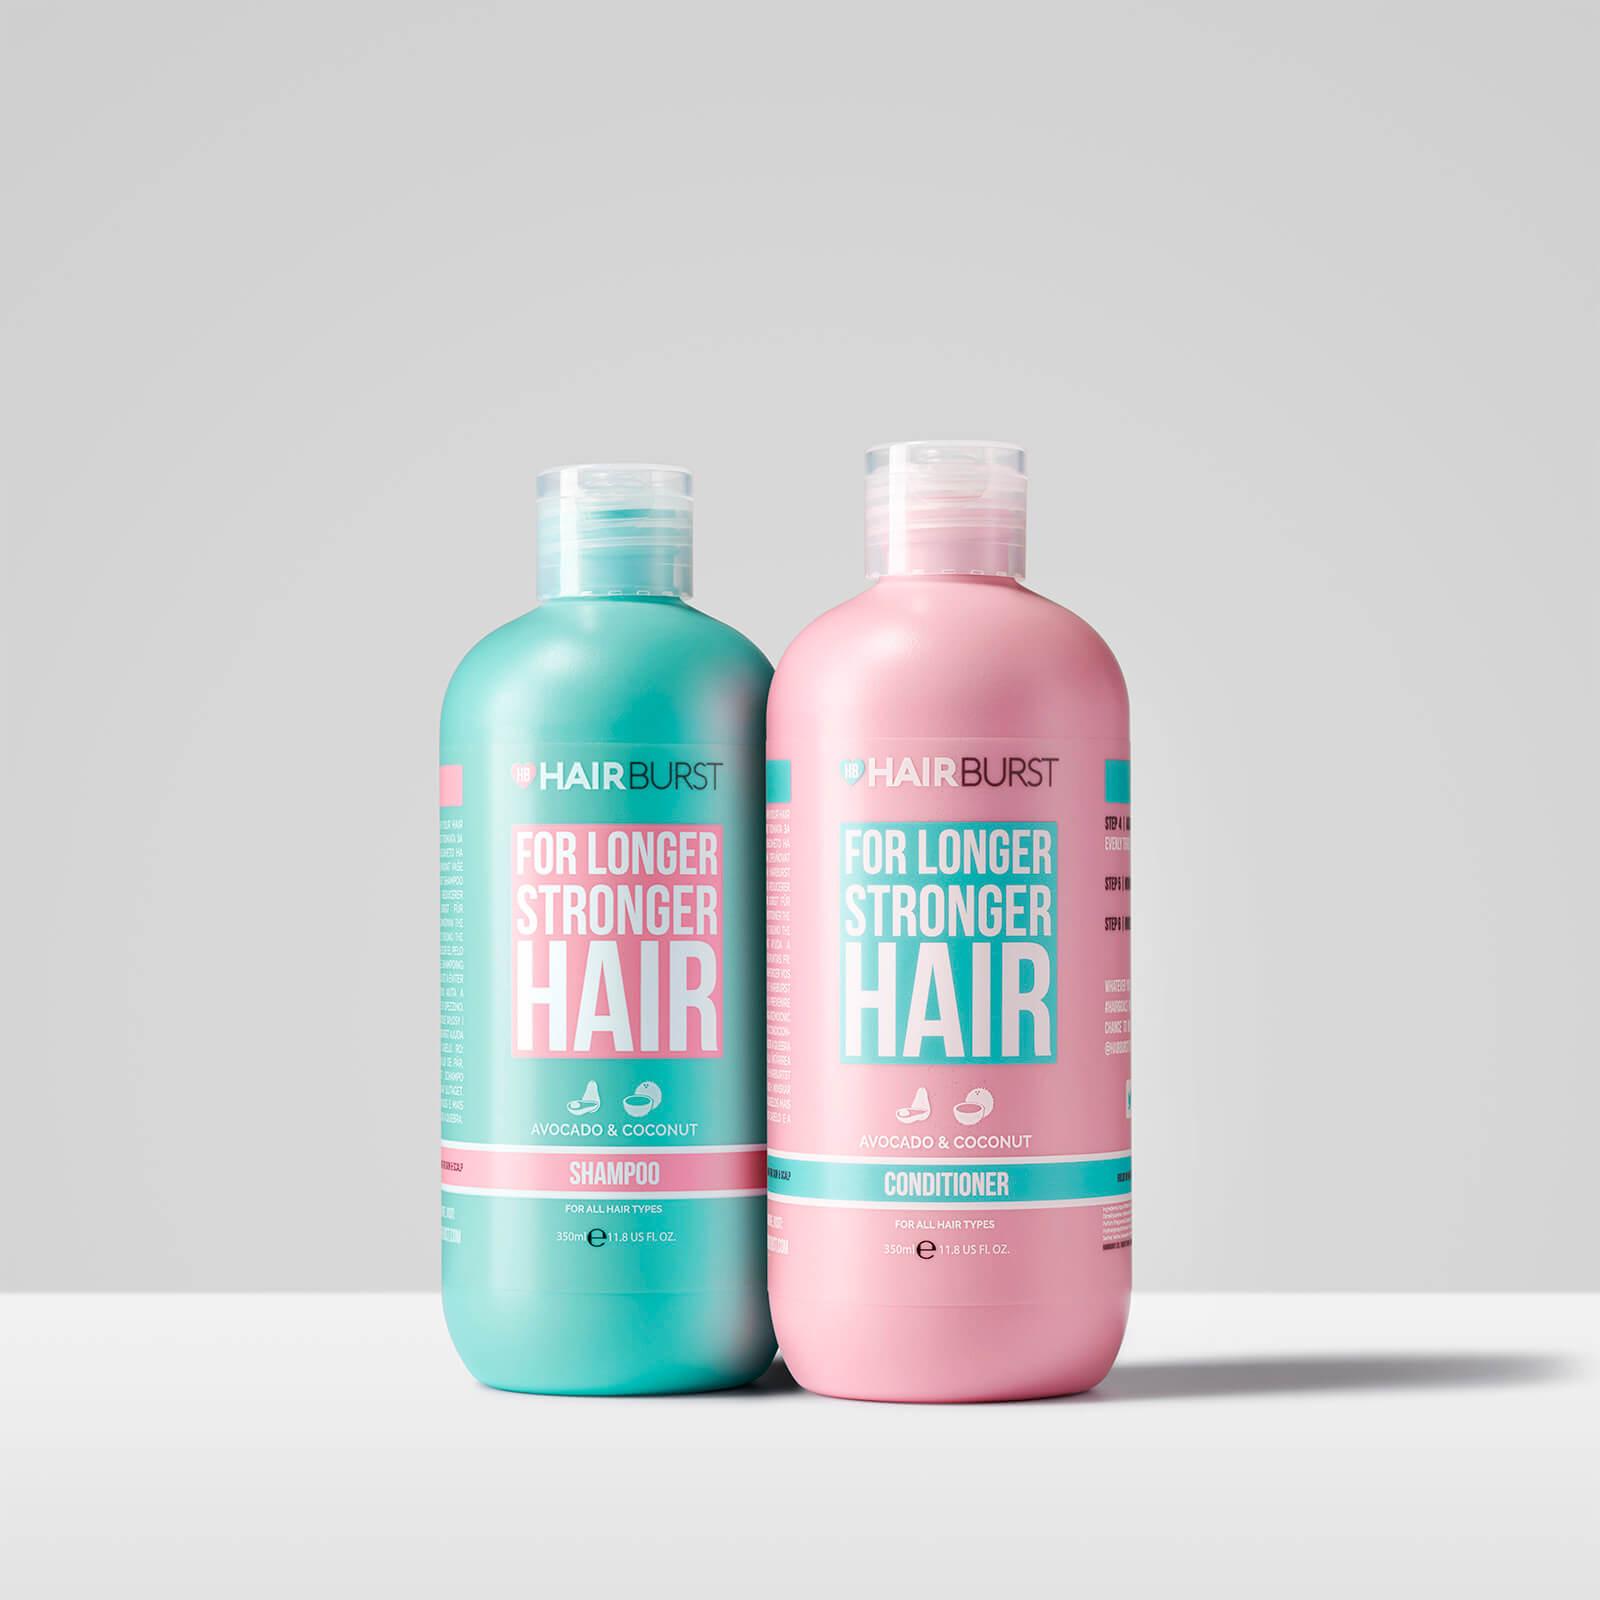 Купить Hairburst Shampoo and Conditioner Set